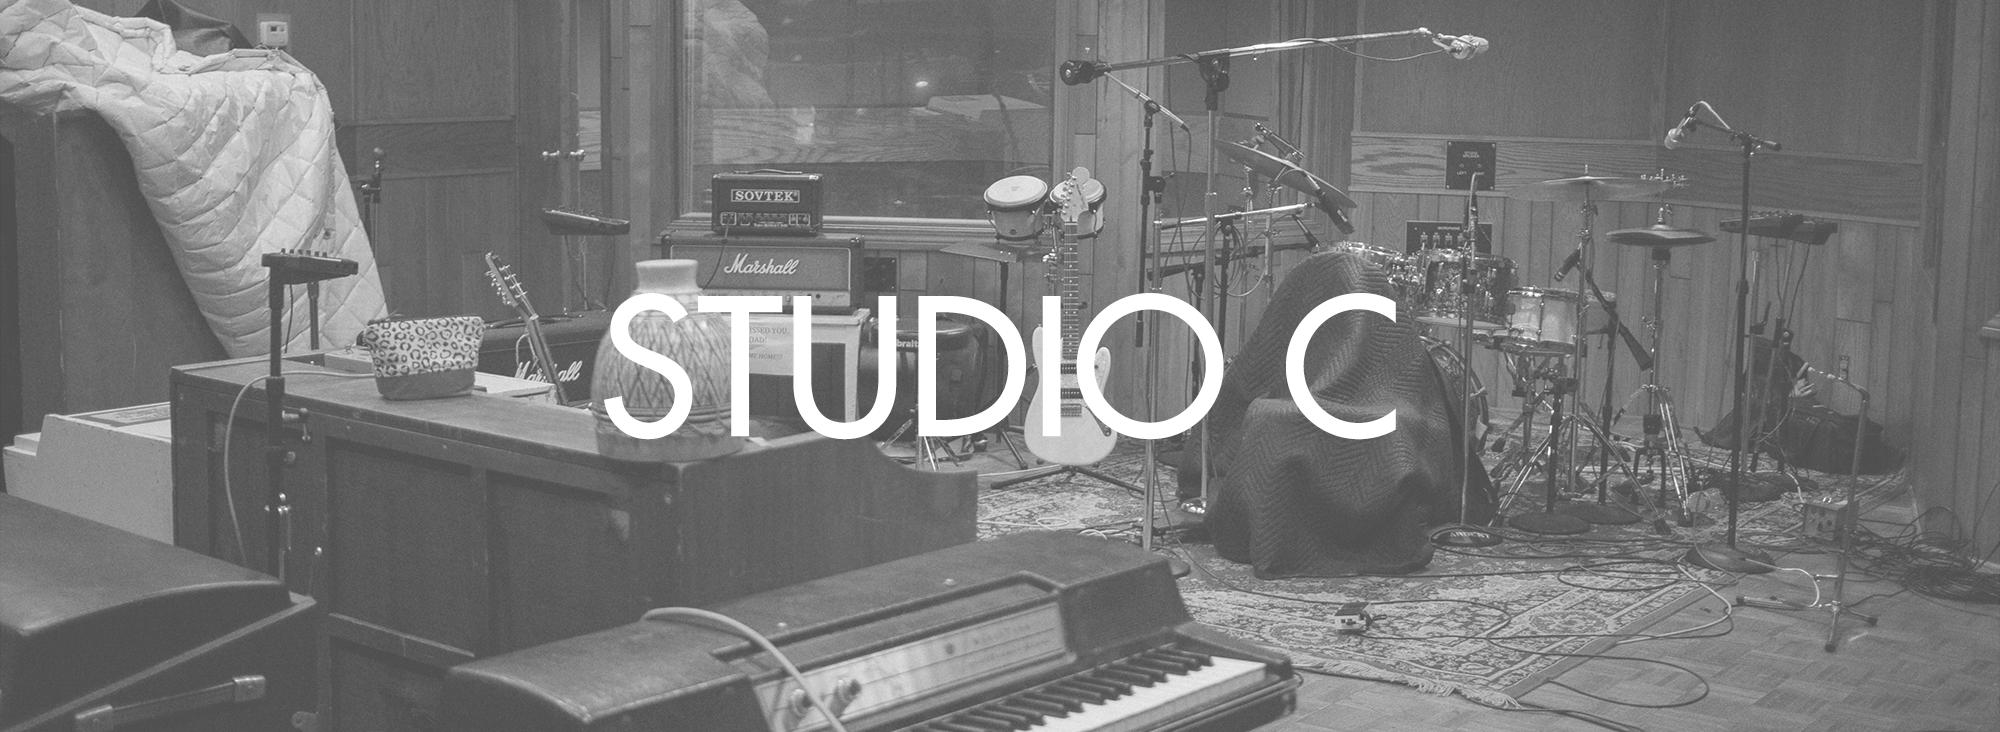 Studio-C-crop-2.png